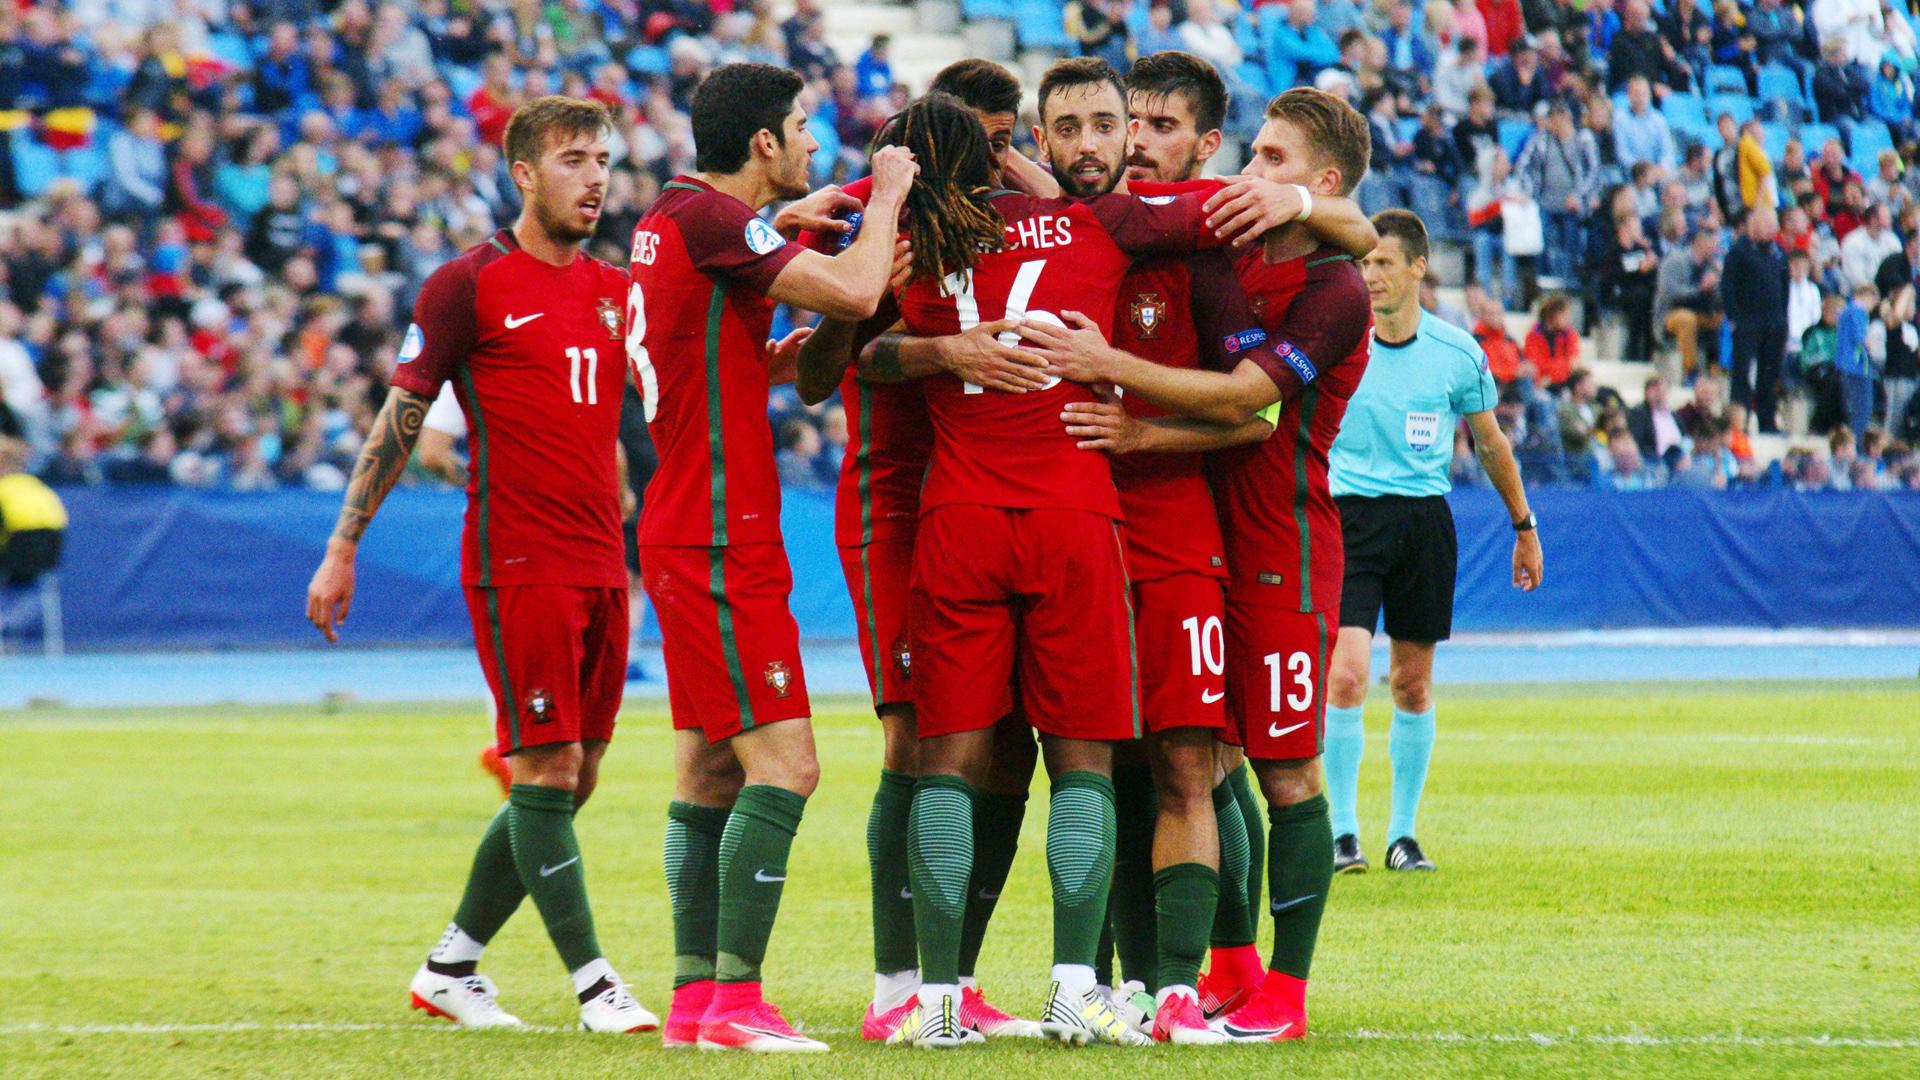 Le probabili formazioni di Serbia-Macedonia U21 - Sfida da dentro o fuori